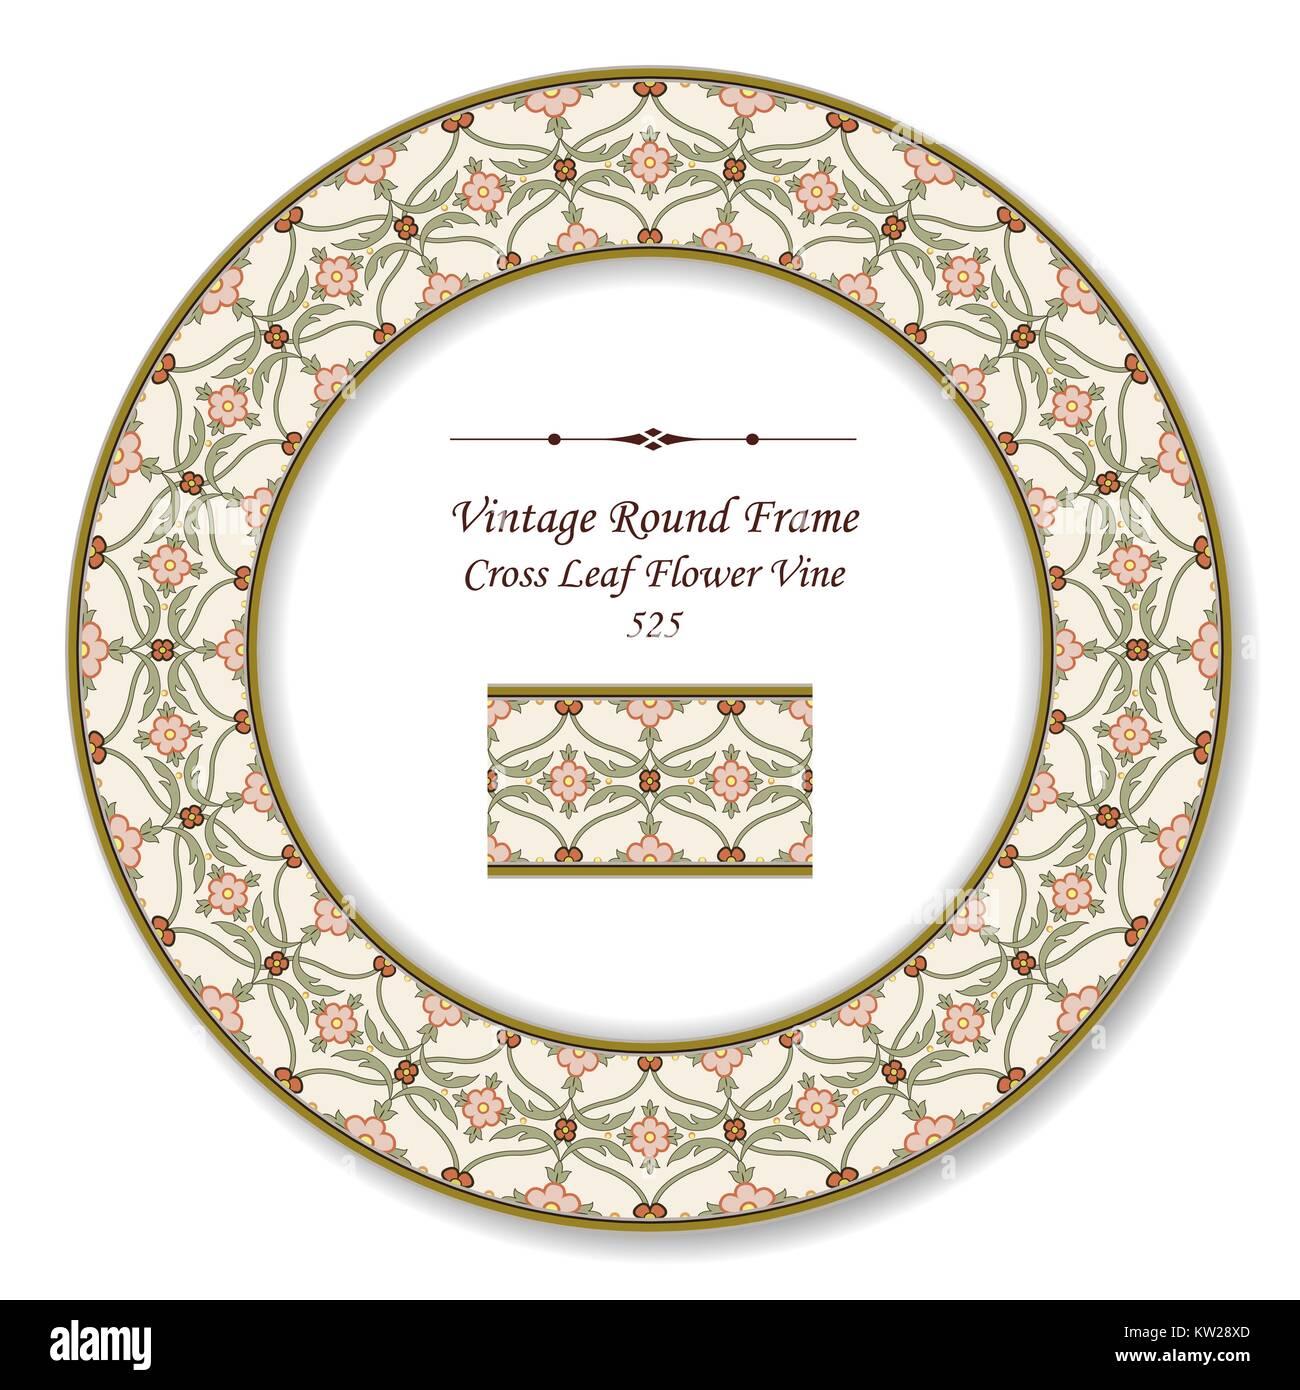 Vintage Round Retro Frame of Botanic Garden Cross Leaf Flower Vine Stock Vector